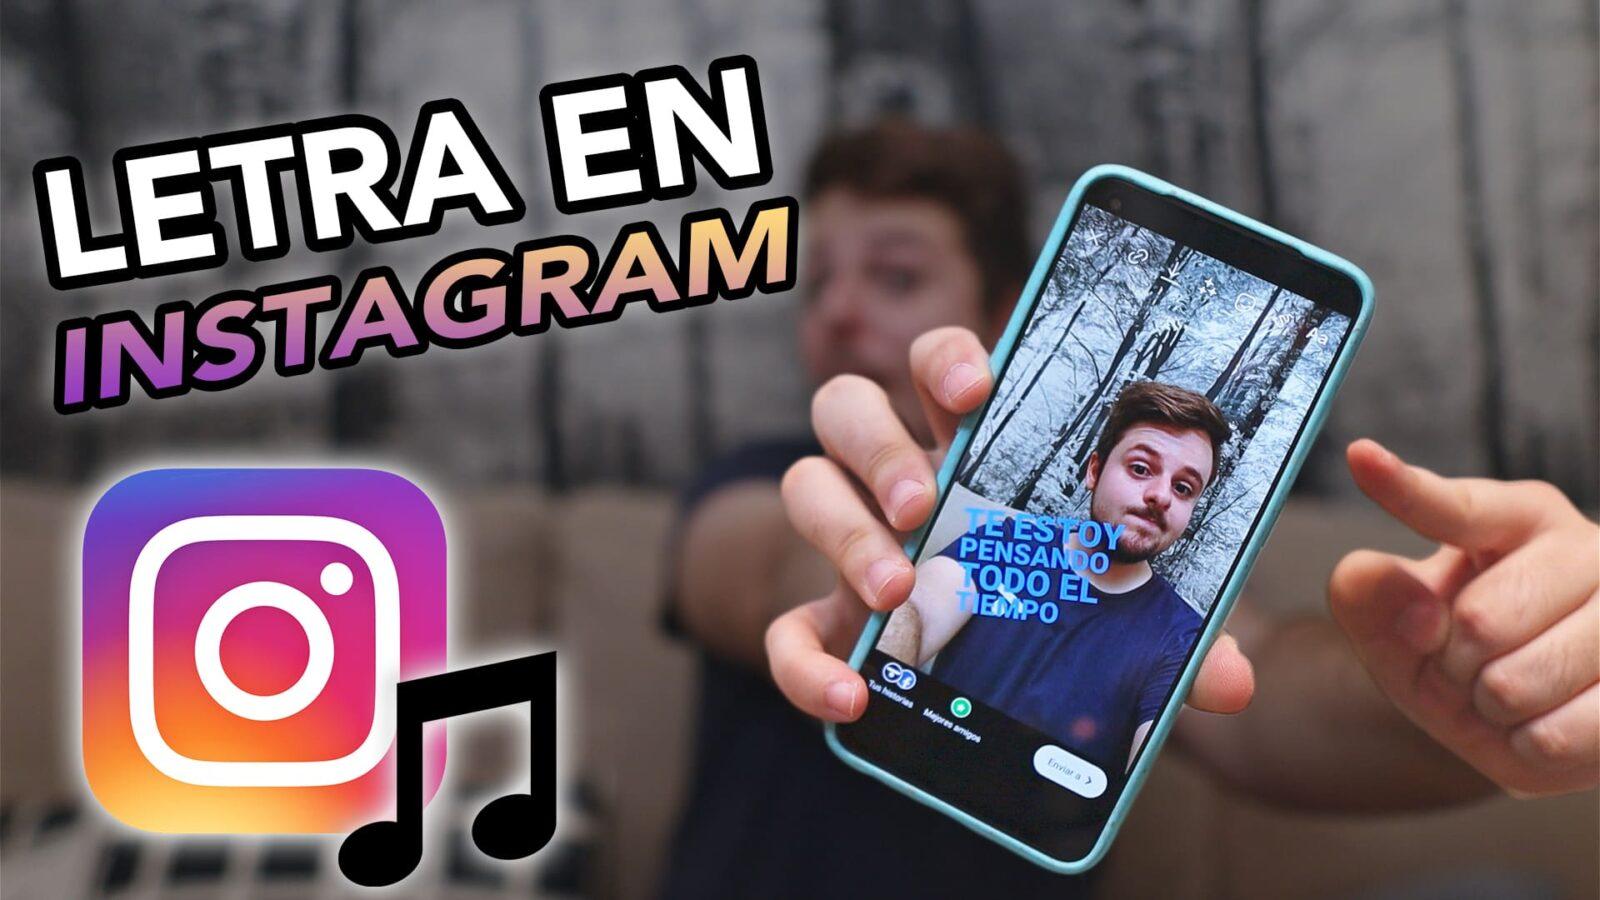 Como poner letra canciones en Instagram